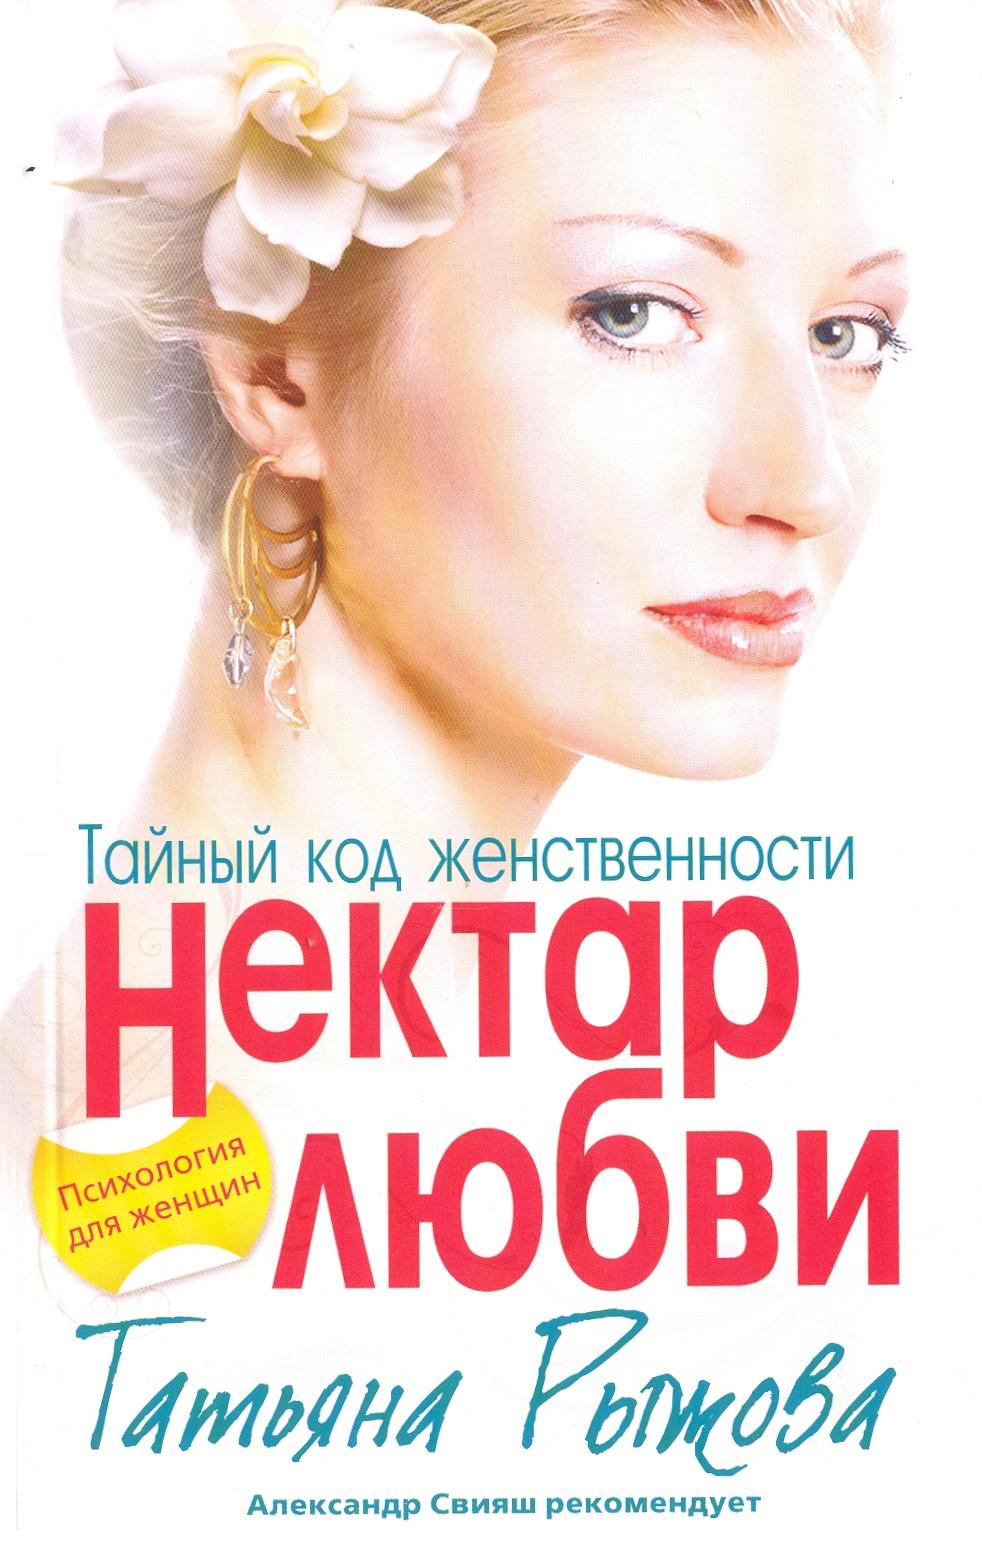 Книга Тайный код женственности. Нектар любви